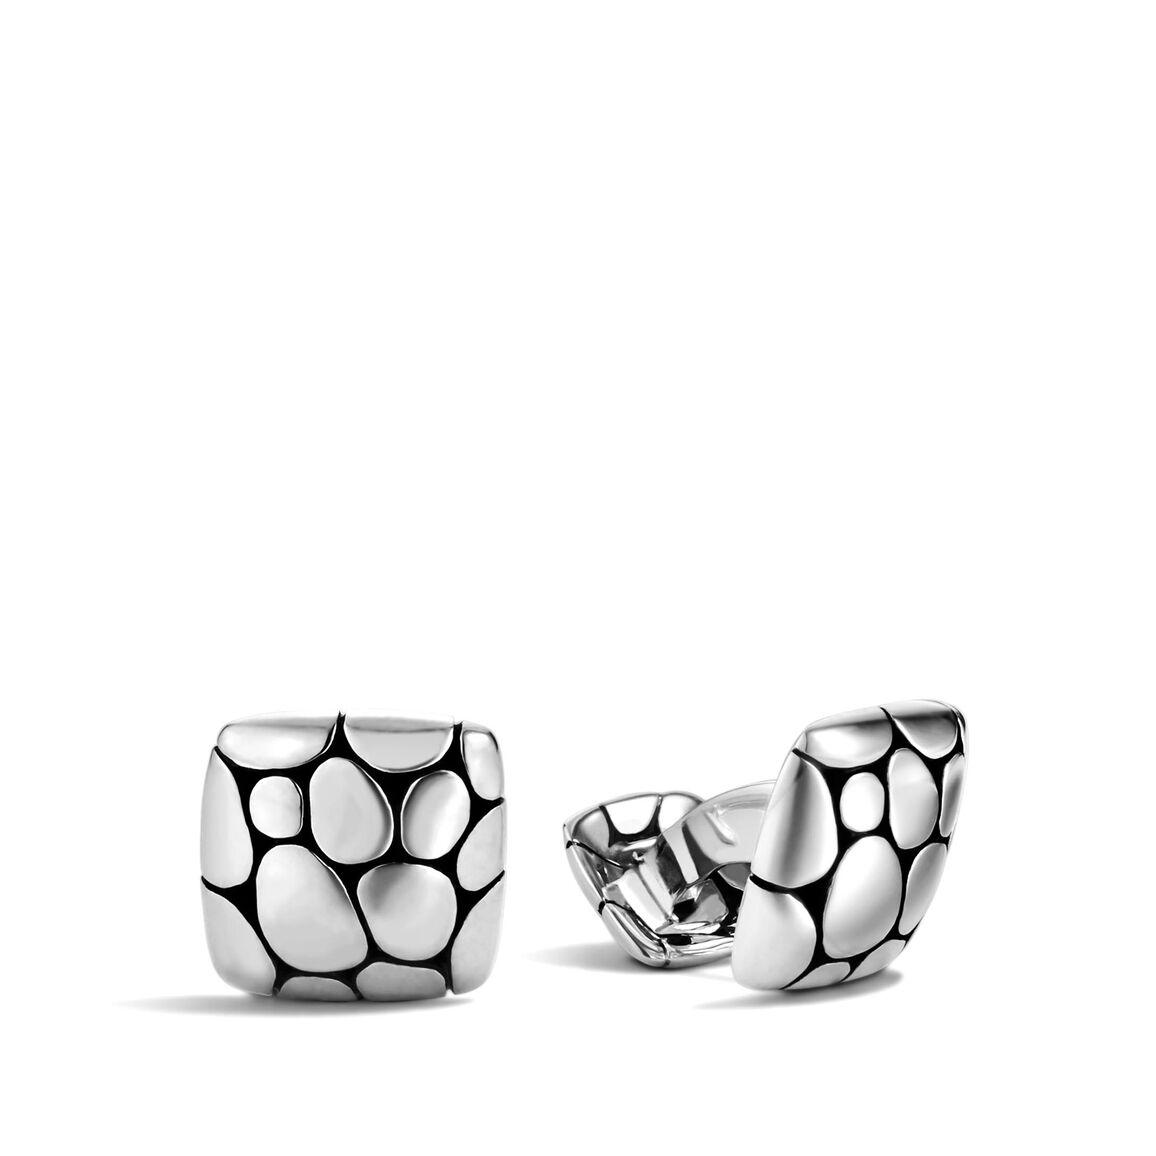 Kali Cufflinks in Silver